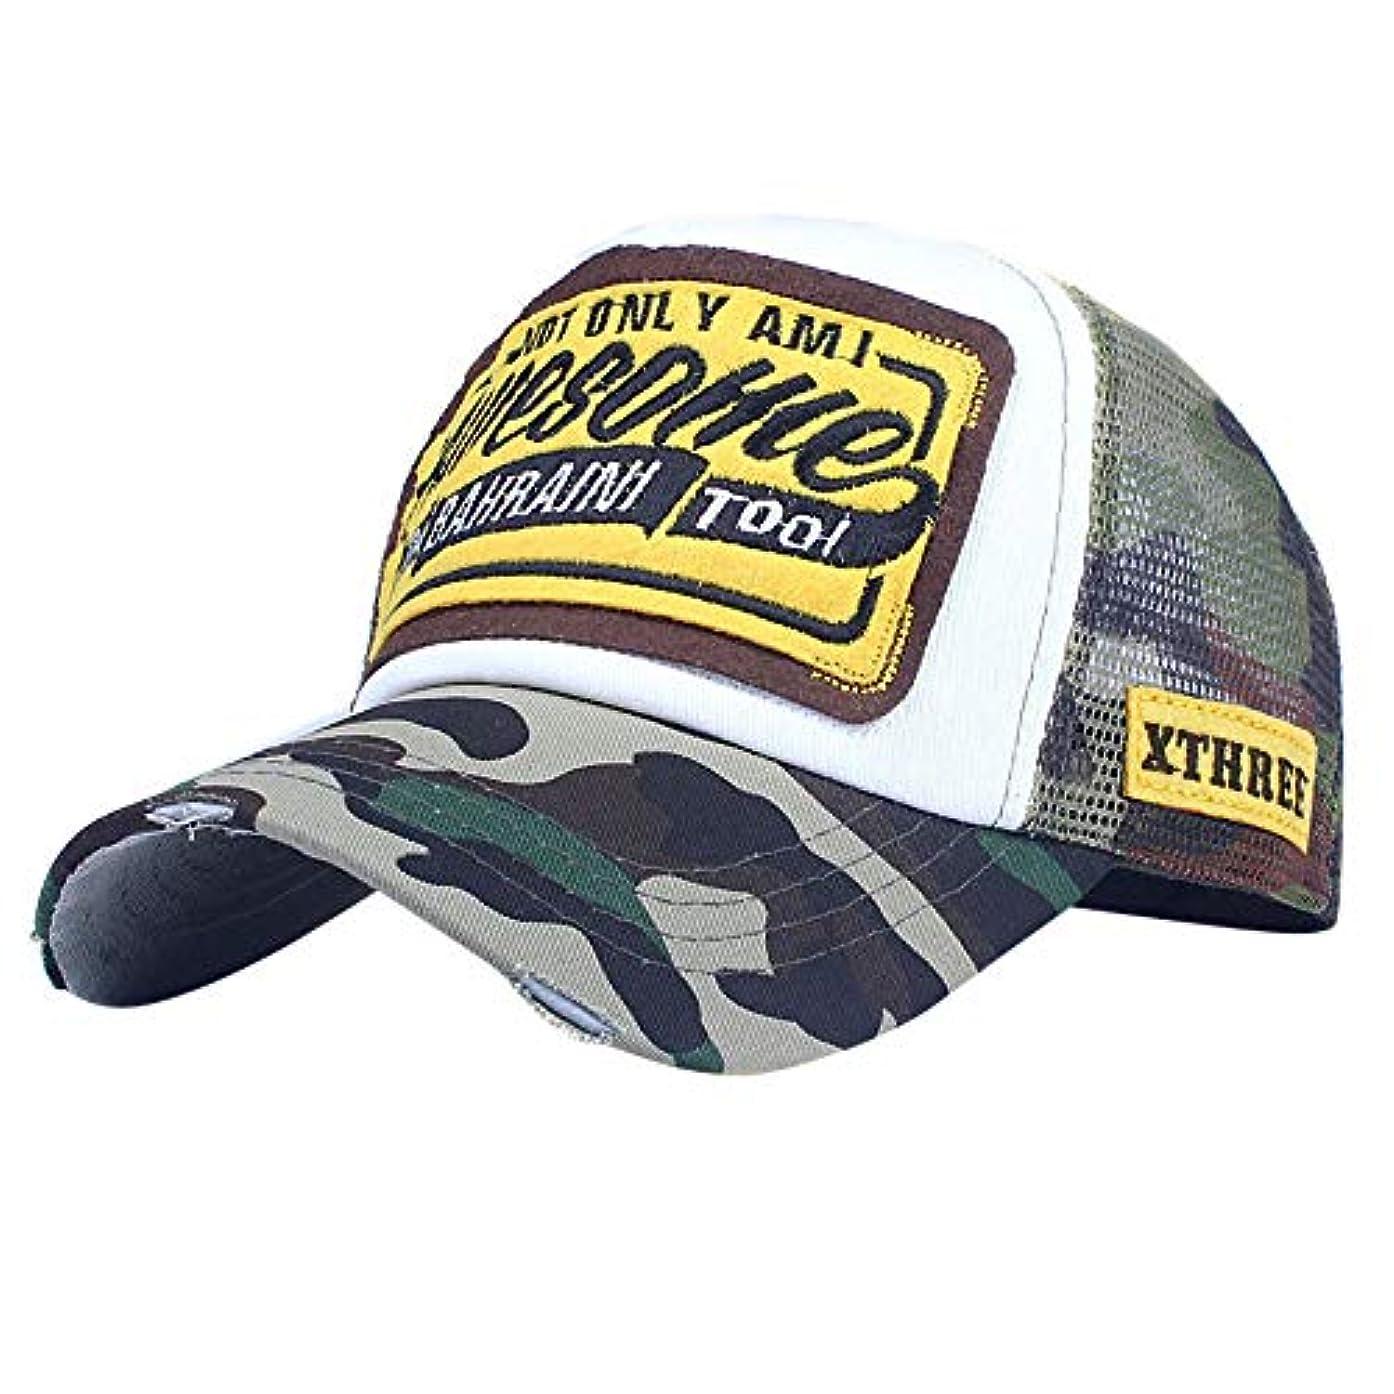 これまで人間コウモリRacazing カモフラージュ 野球帽 ヒップホップ メンズ 夏 登山 帽子 迷彩 可調整可能 プラスベルベット 棒球帽 UV 帽子 UVカット軽量 屋外 Unisex 鸭舌帽 Hat Cap